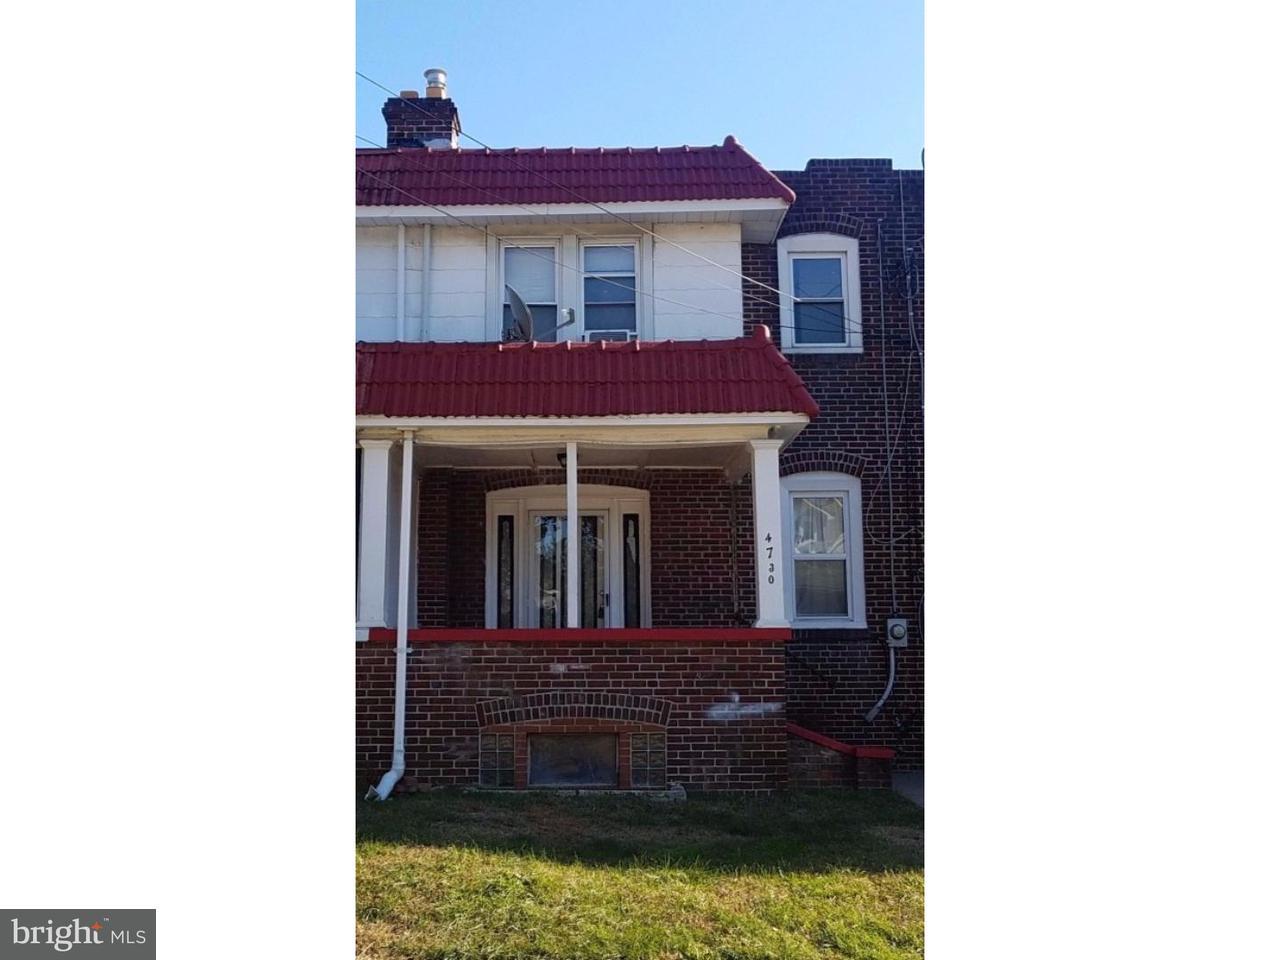 联栋屋 为 出租 在 4730 SHERWOOD TER Pennsauken, 新泽西州 08109 美国